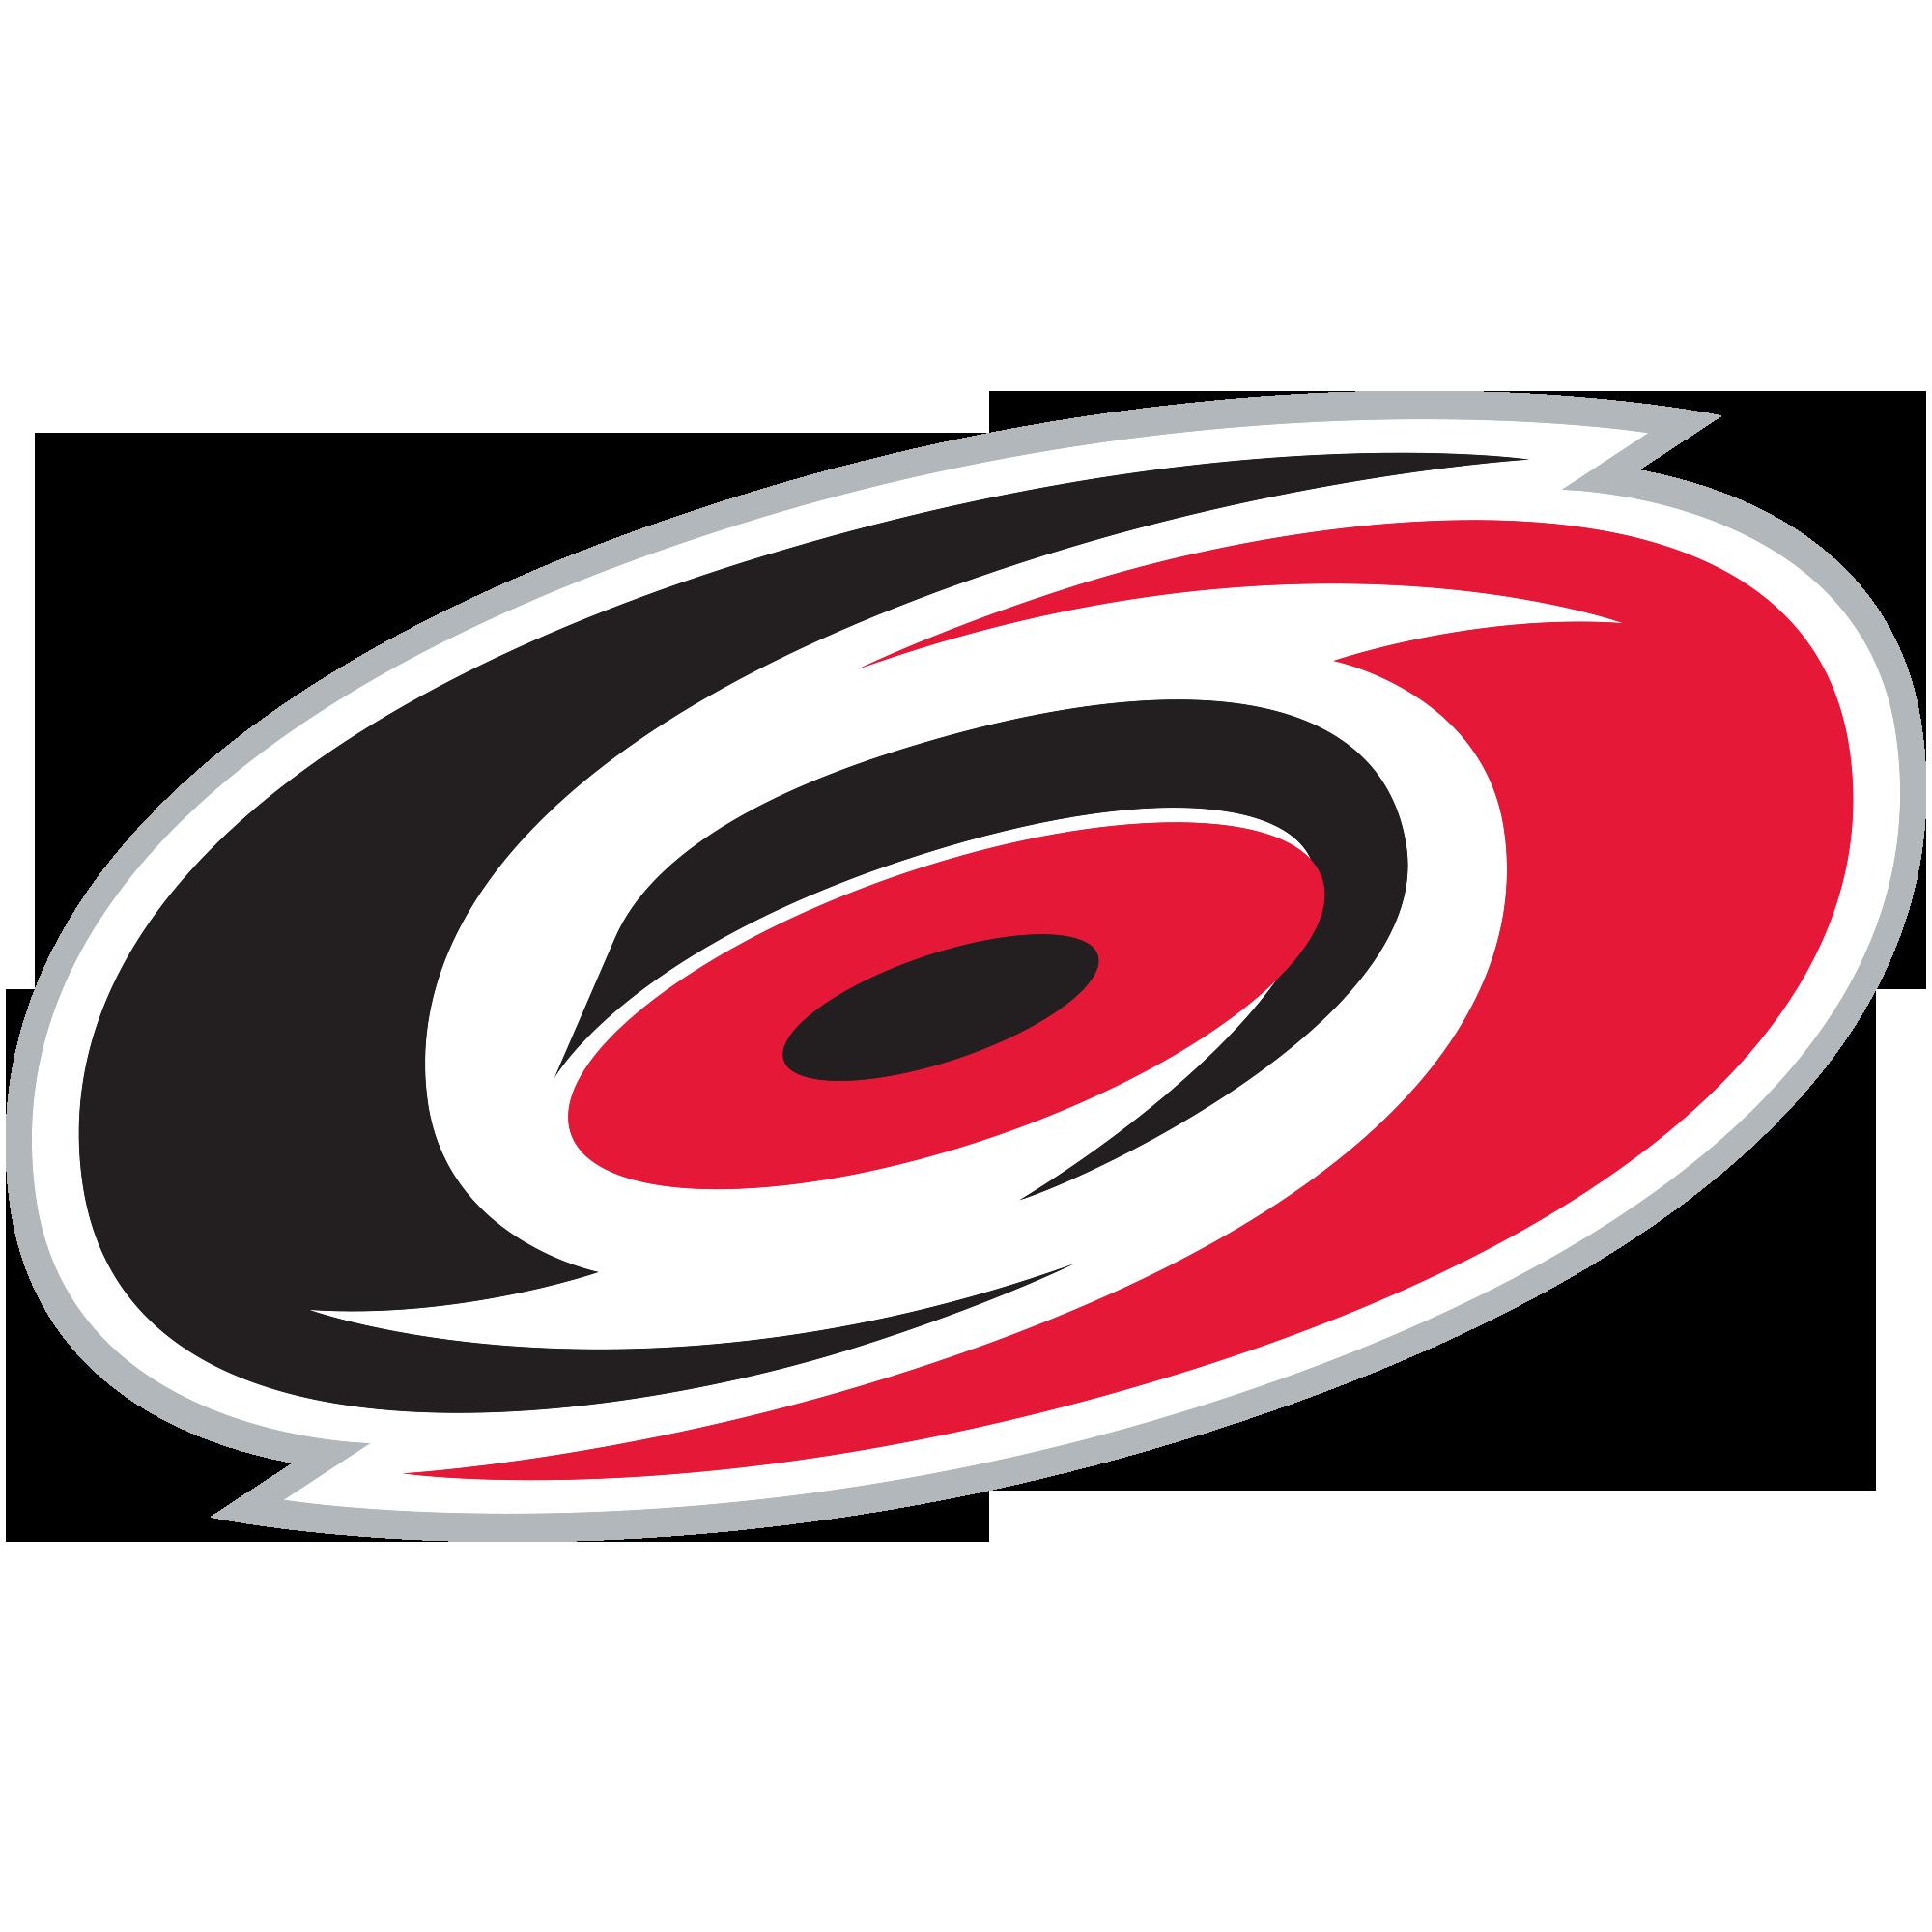 Carolina hurricanes nhl logo. Hurricane clipart hurrican